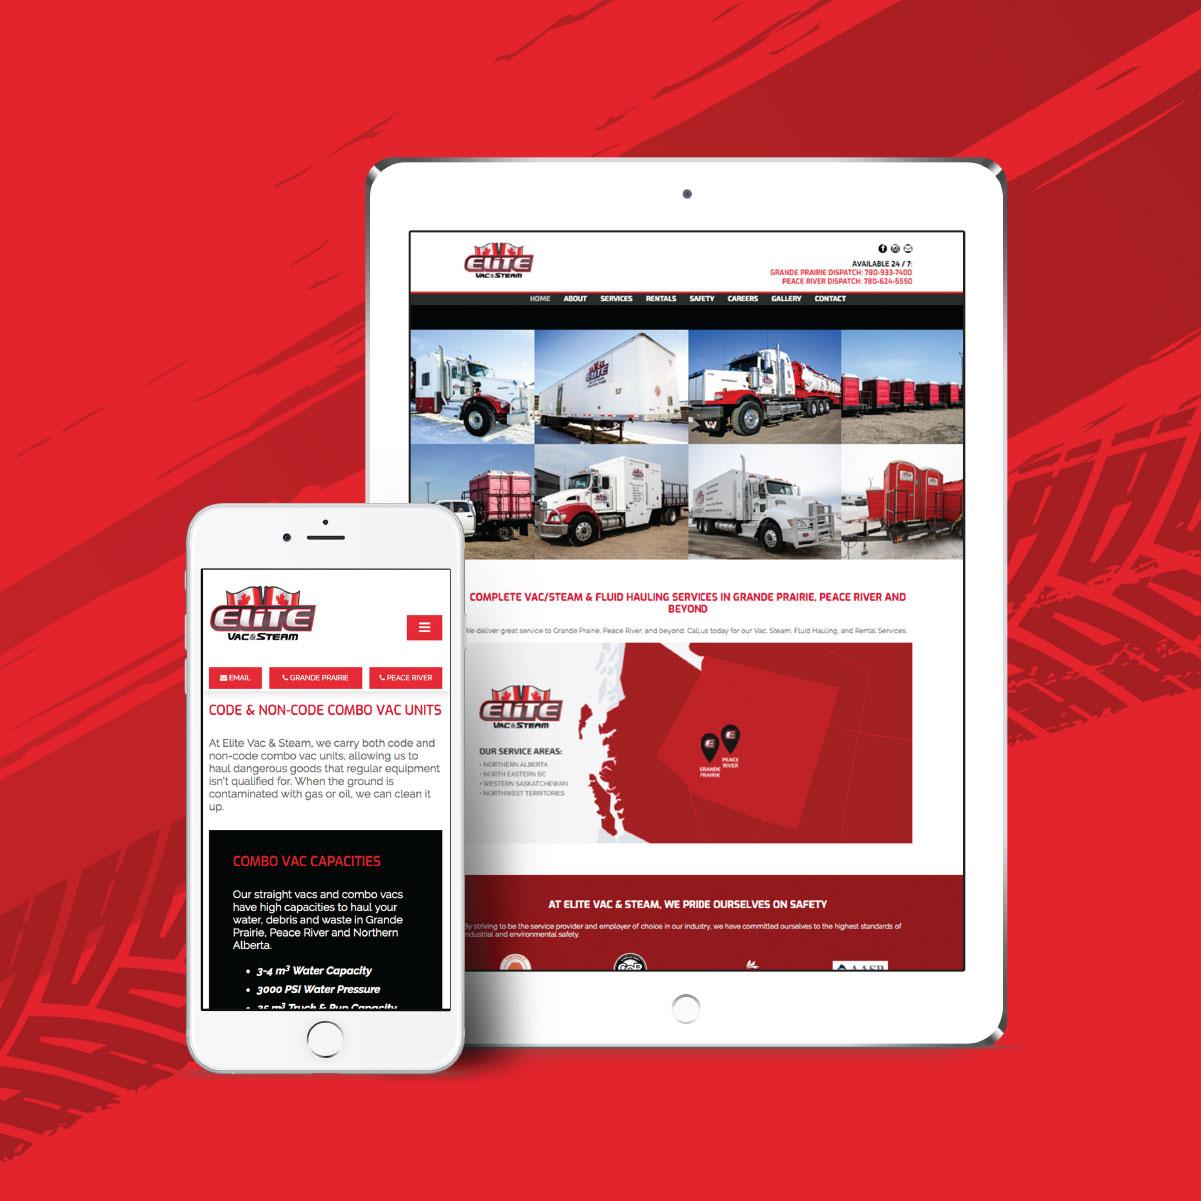 elite vac and steam nine10 websites mobile compatible